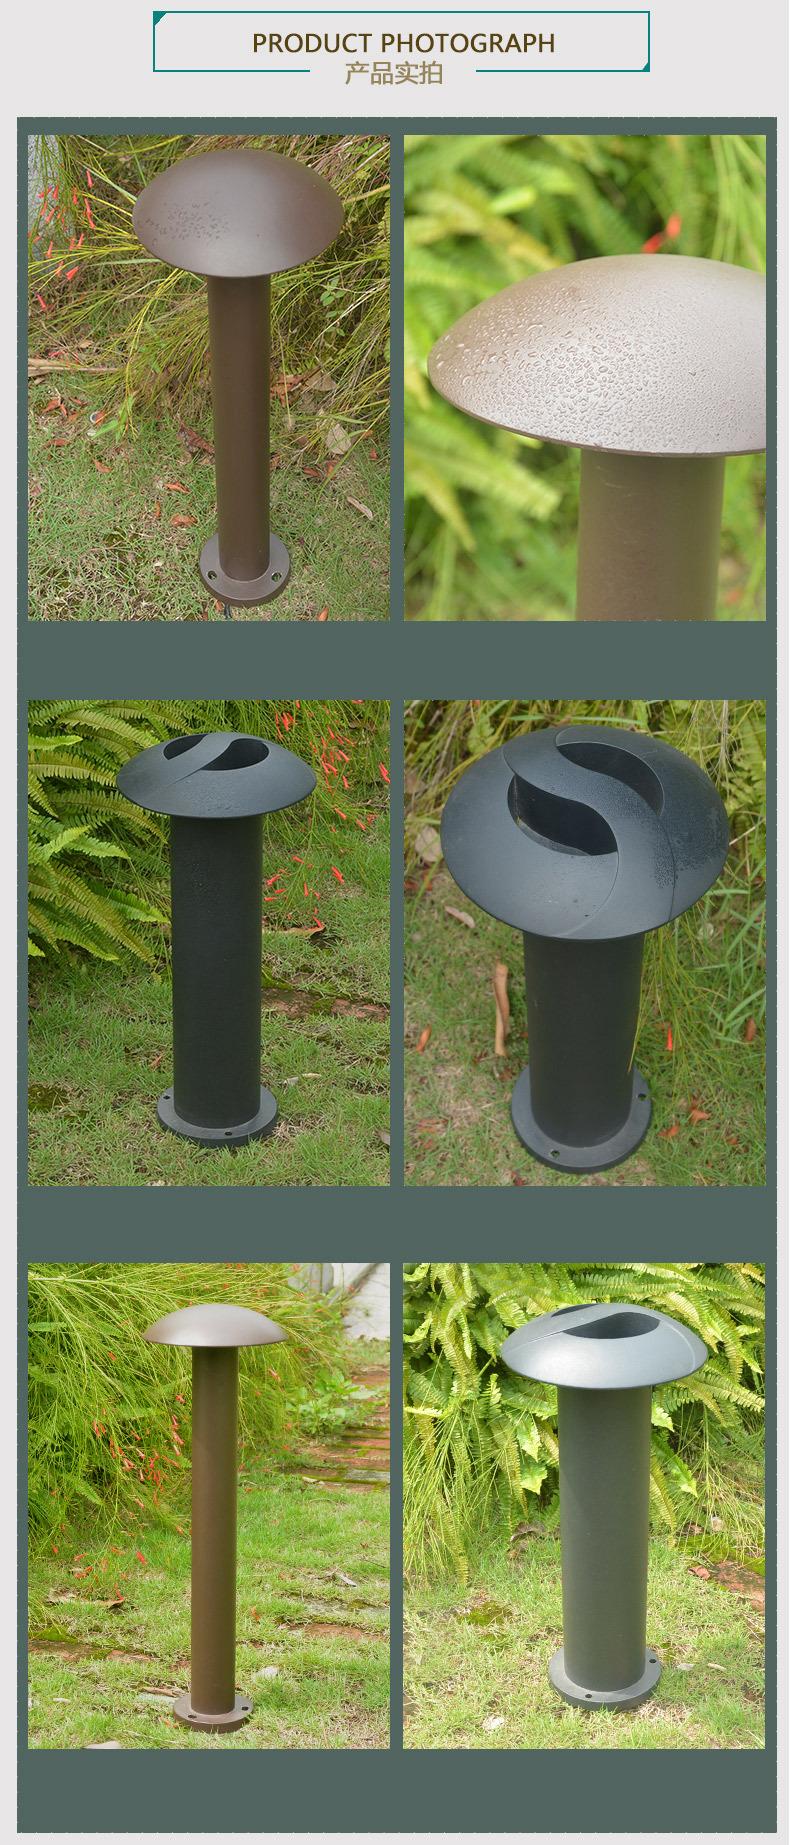 HGCPD-019 蘑菇型草帽型户外庭院别墅小区公园防水防锈LED草坪灯产品实拍